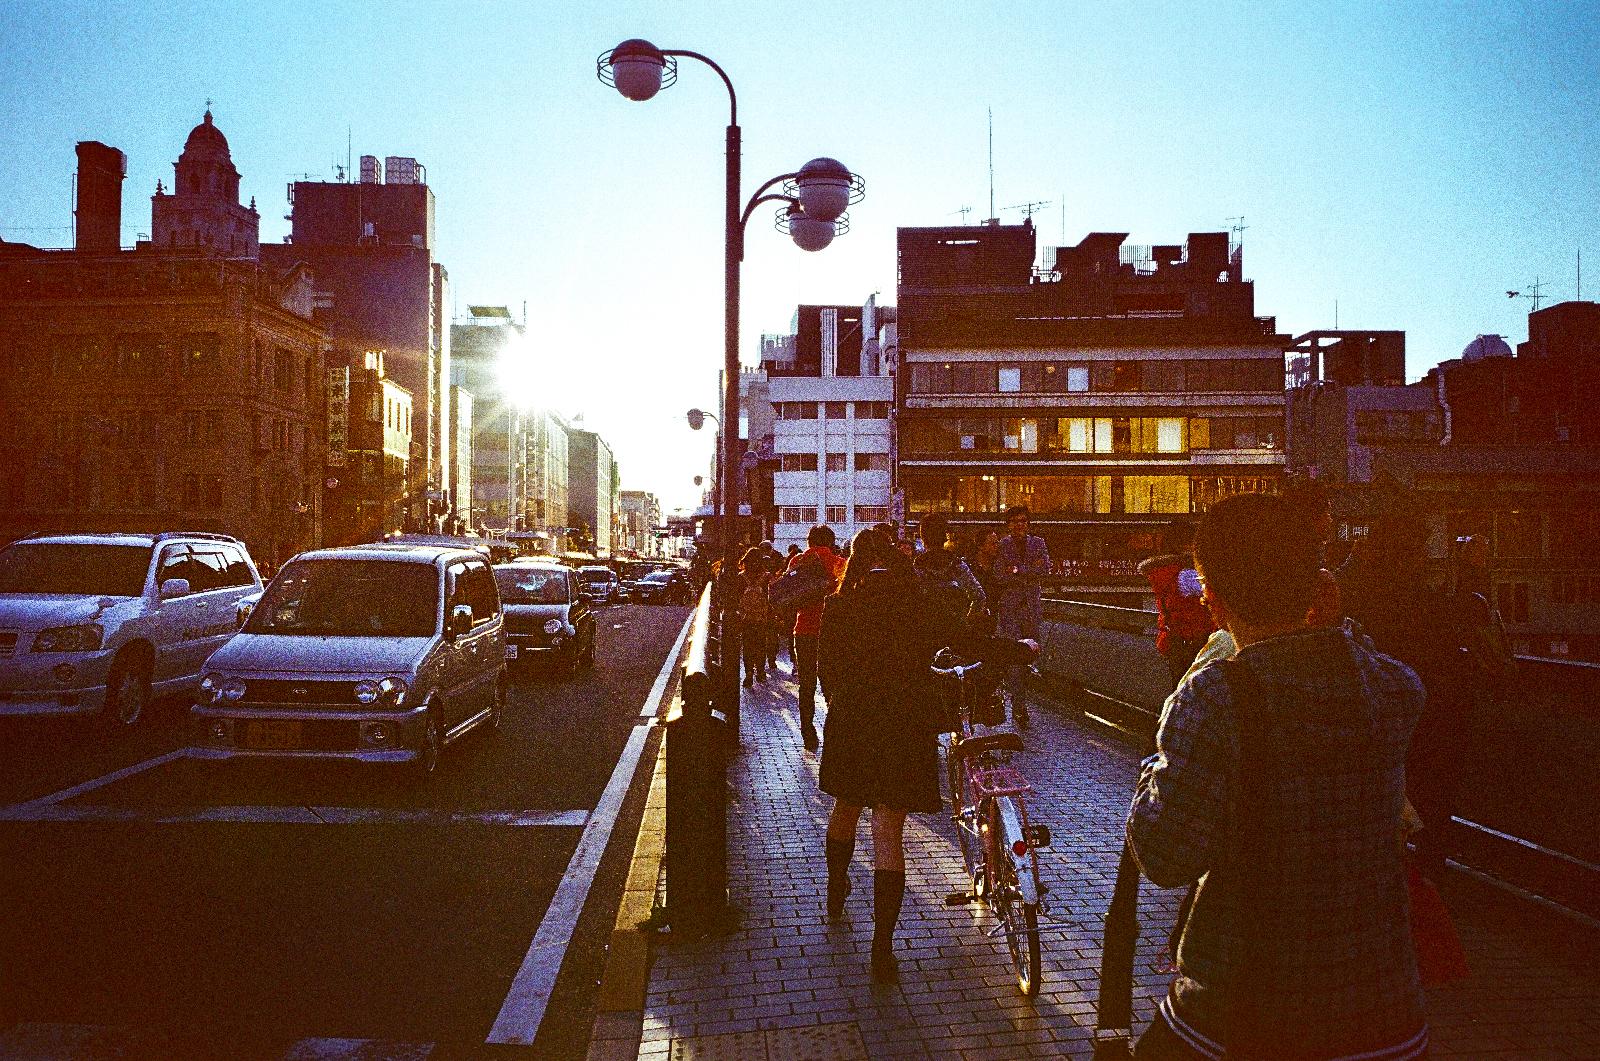 「河原町、祇園、三条」京都 | 散步日常 | 攝影集